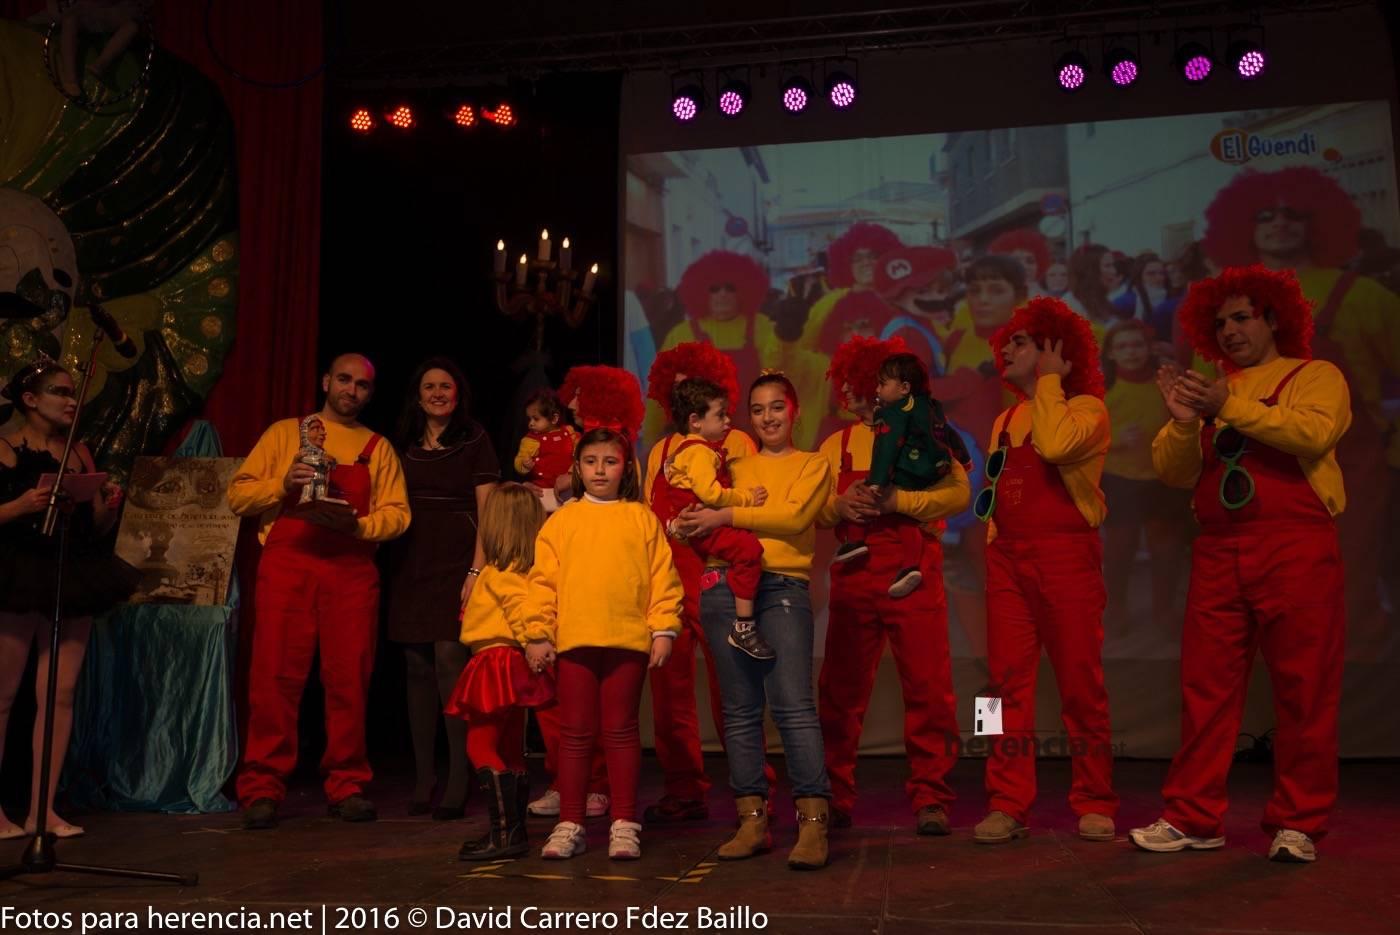 Carnaval de Herencia 2016 DSC 0978 - El Carnaval de Herencia 2016 arranca con más fuerza que nunca